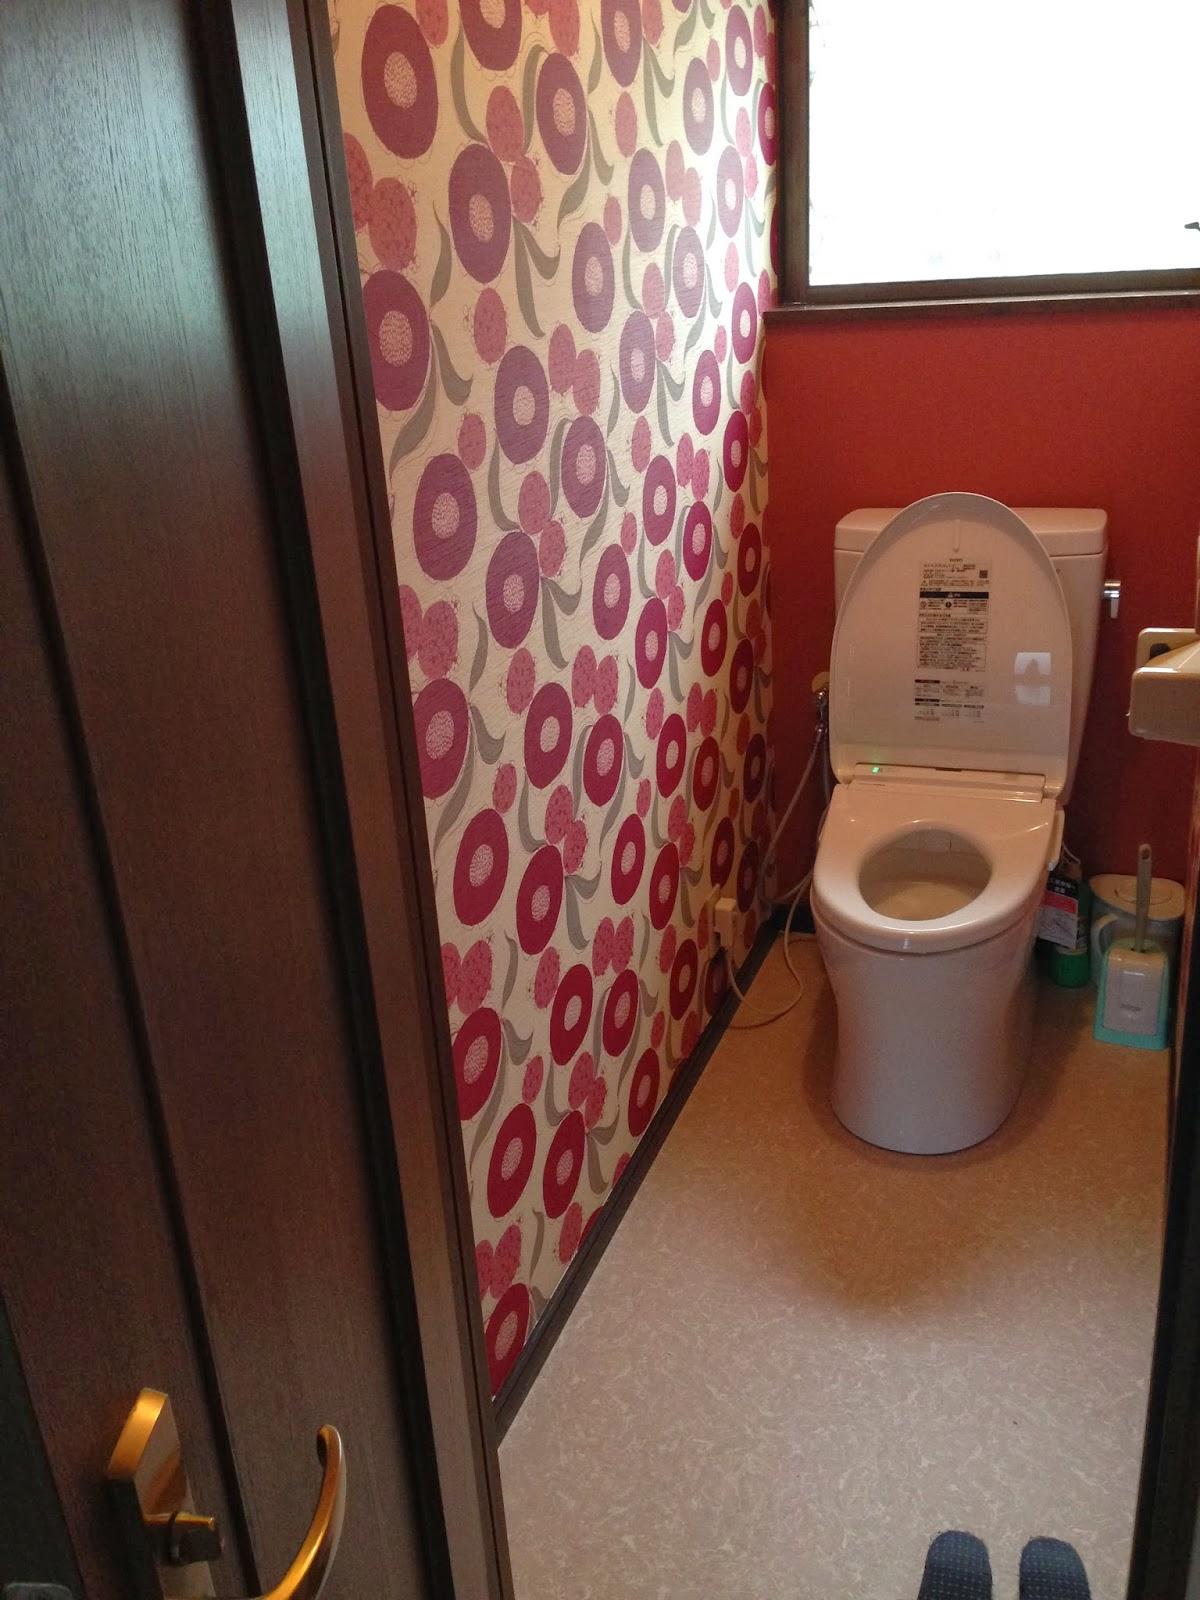 釜屋燃料店 リフォーム日記 赤い花柄の壁紙 茂原市 T様邸トイレ